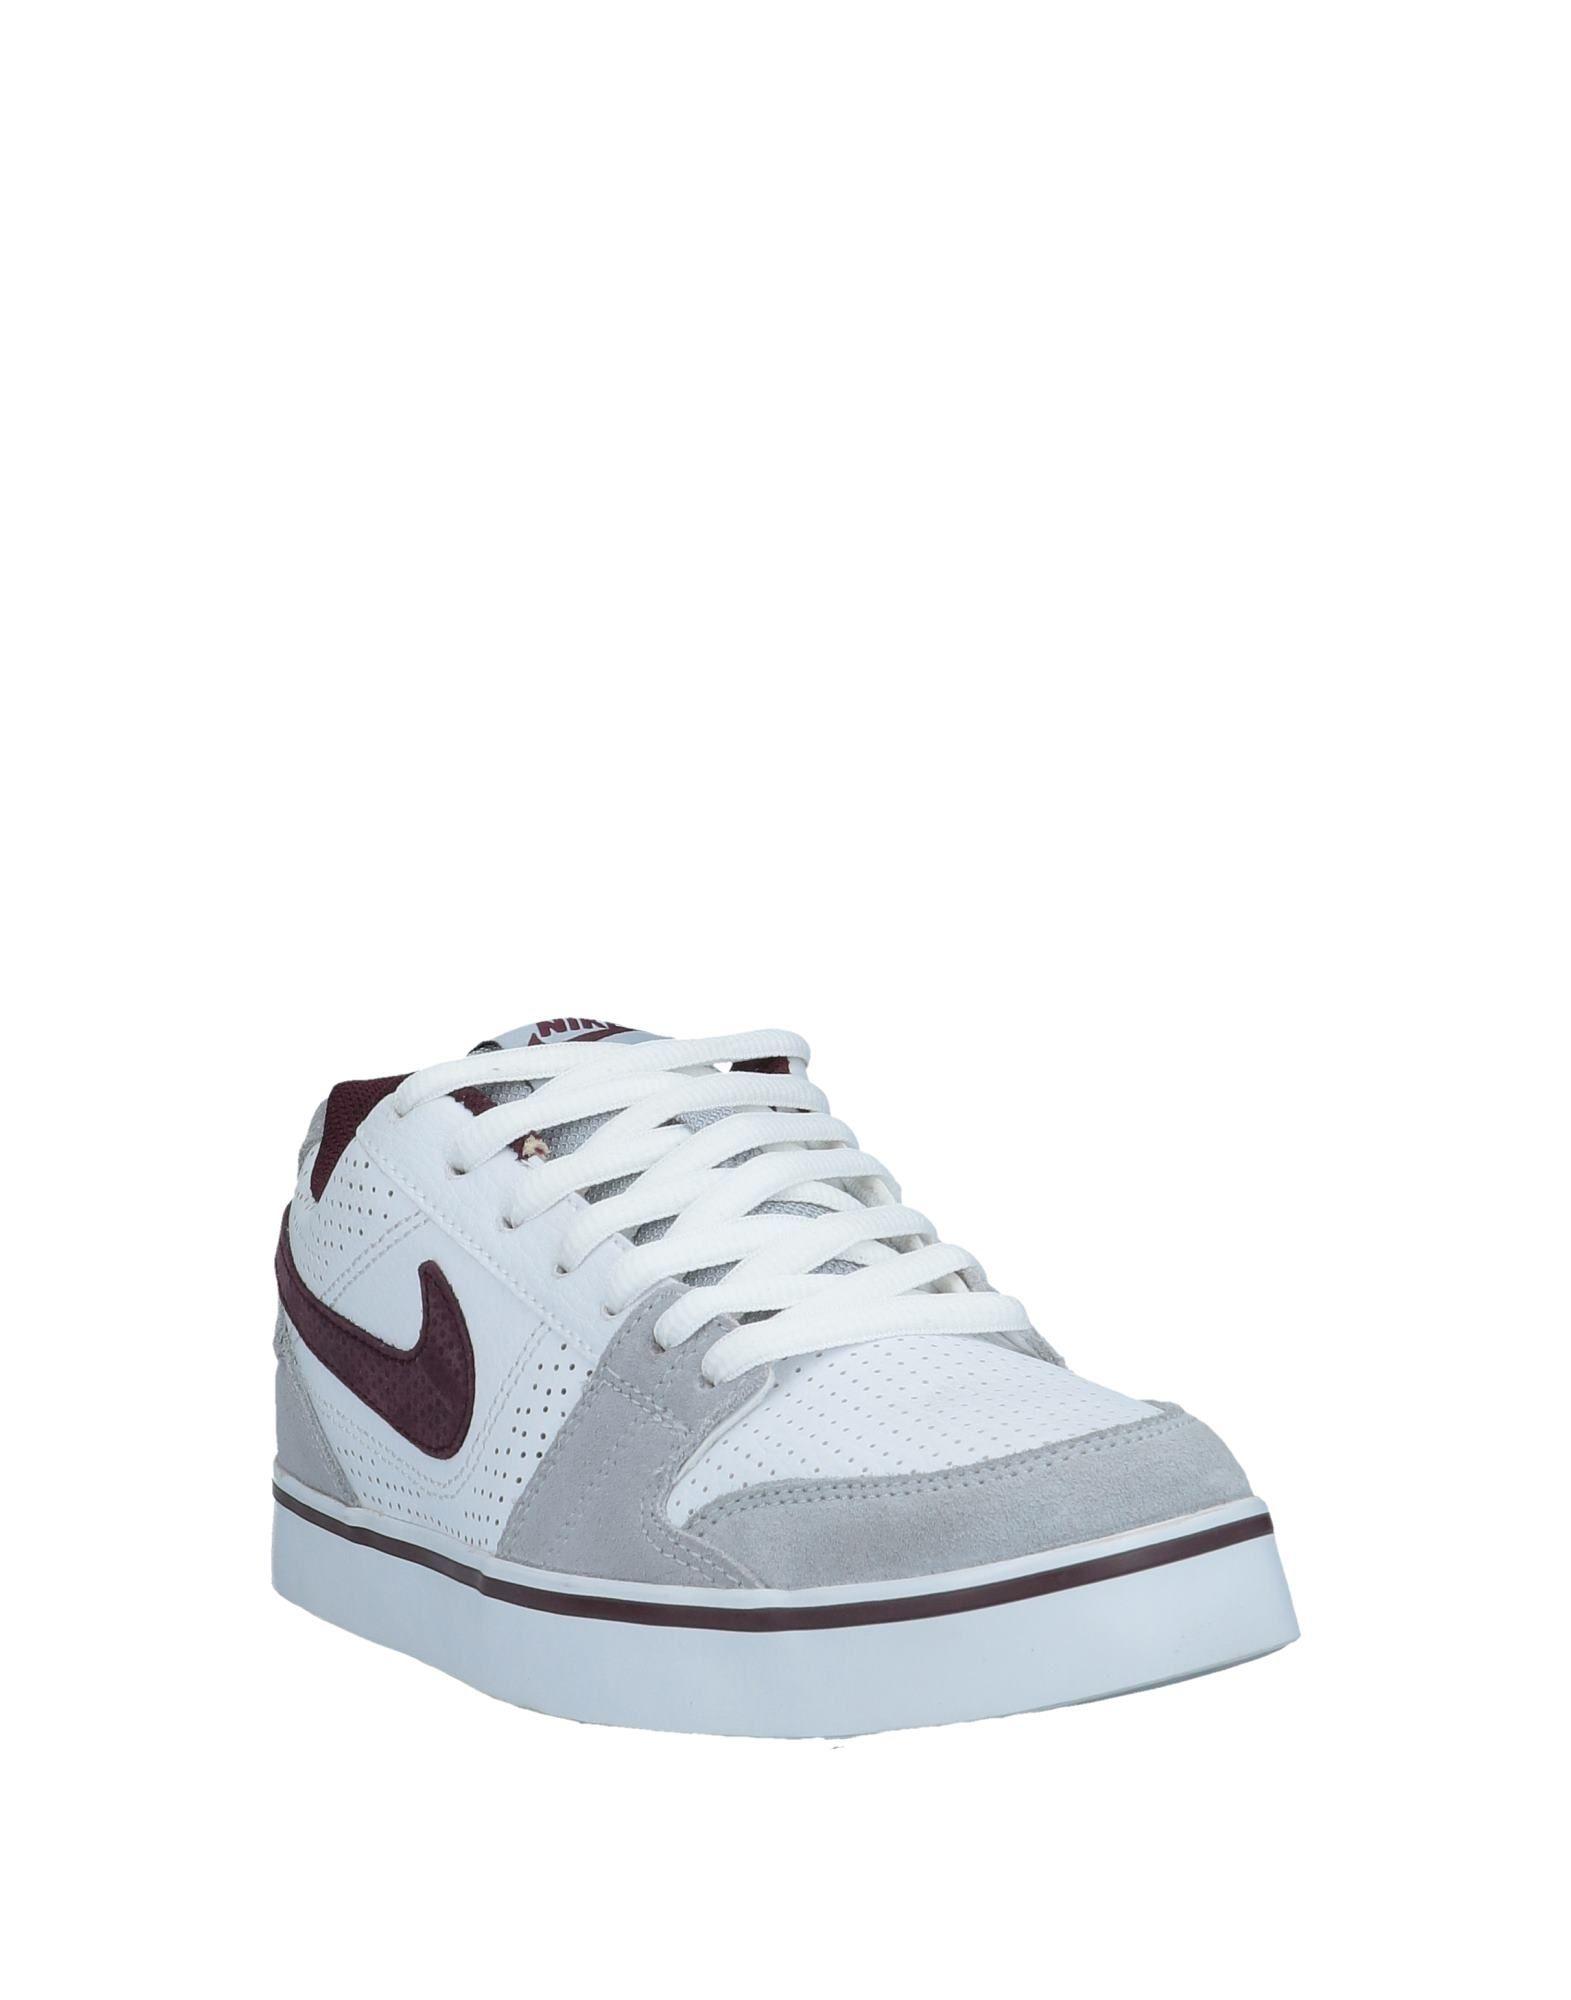 Nike Sneakers Herren Herren Sneakers  11549205QT 0149f4